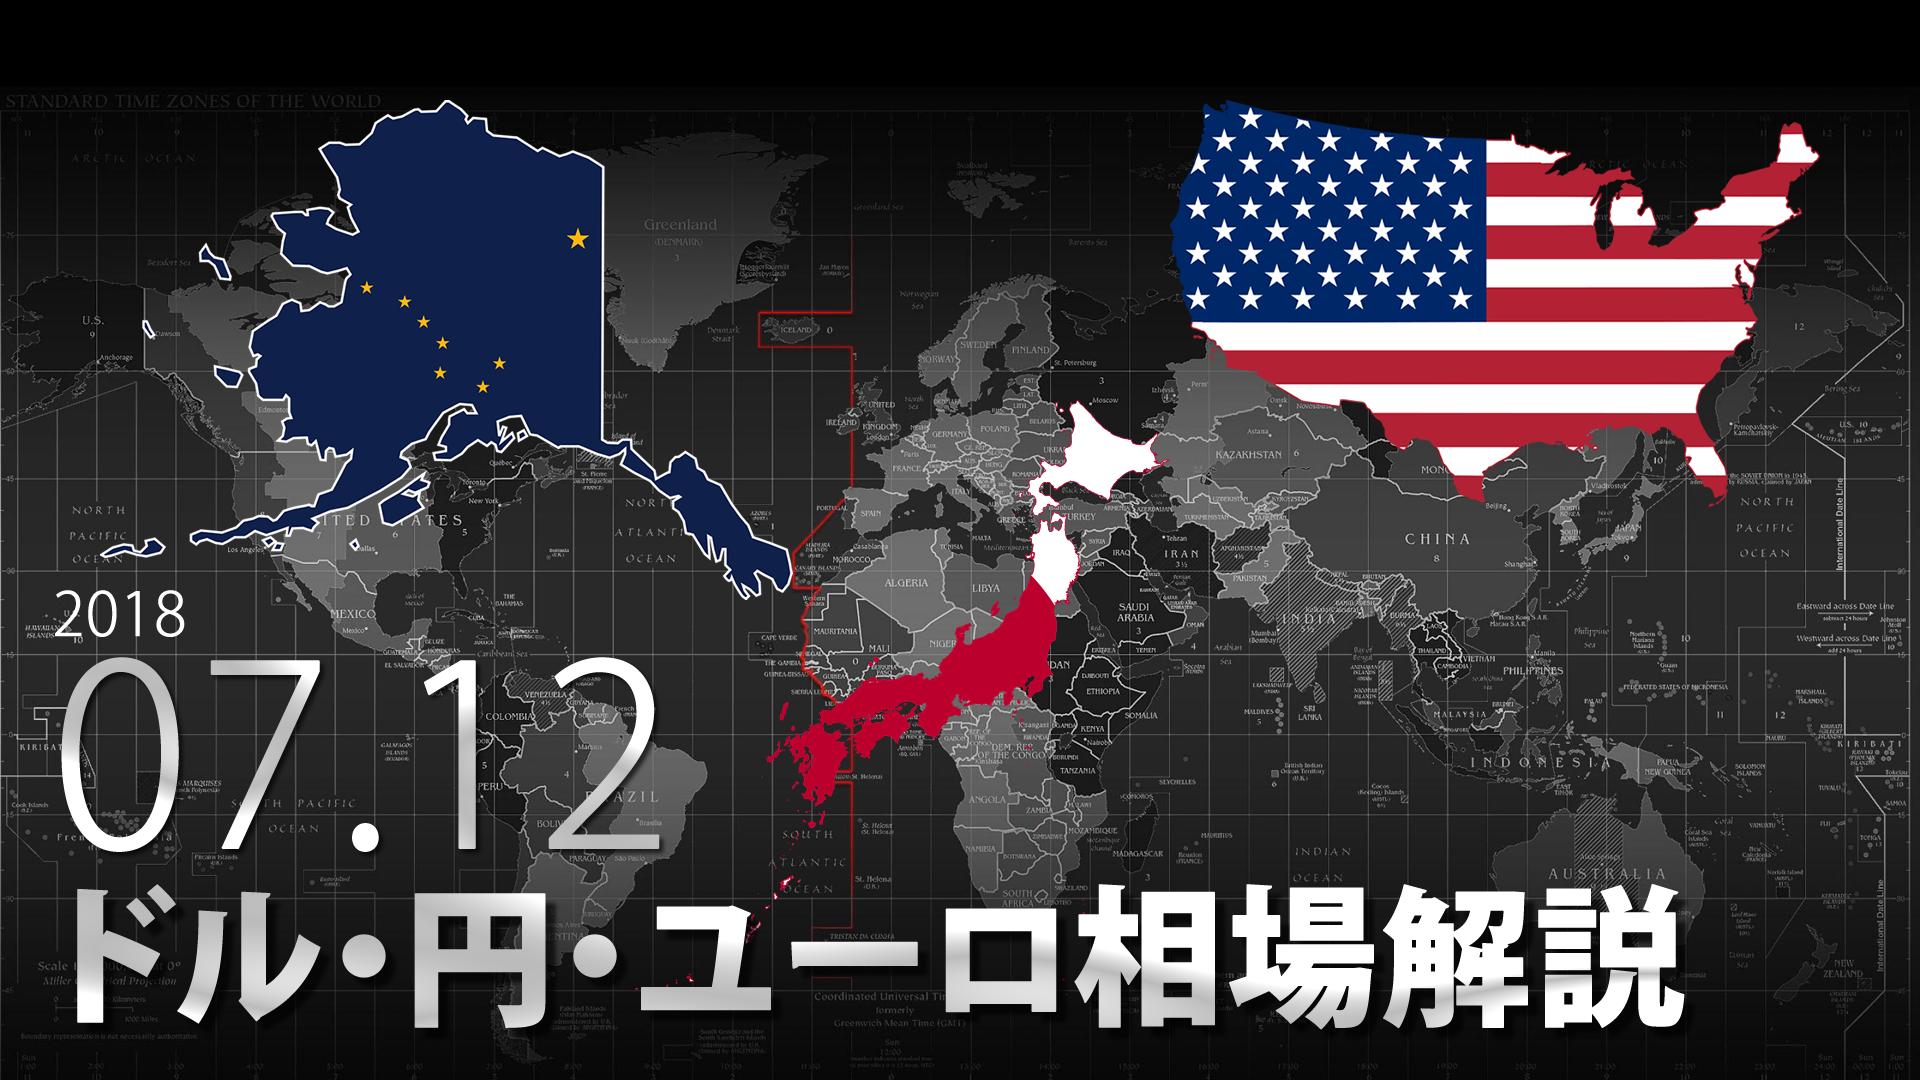 米中貿易戦争懸念くすぶるも、それほどリスクオフにはなっていない印象